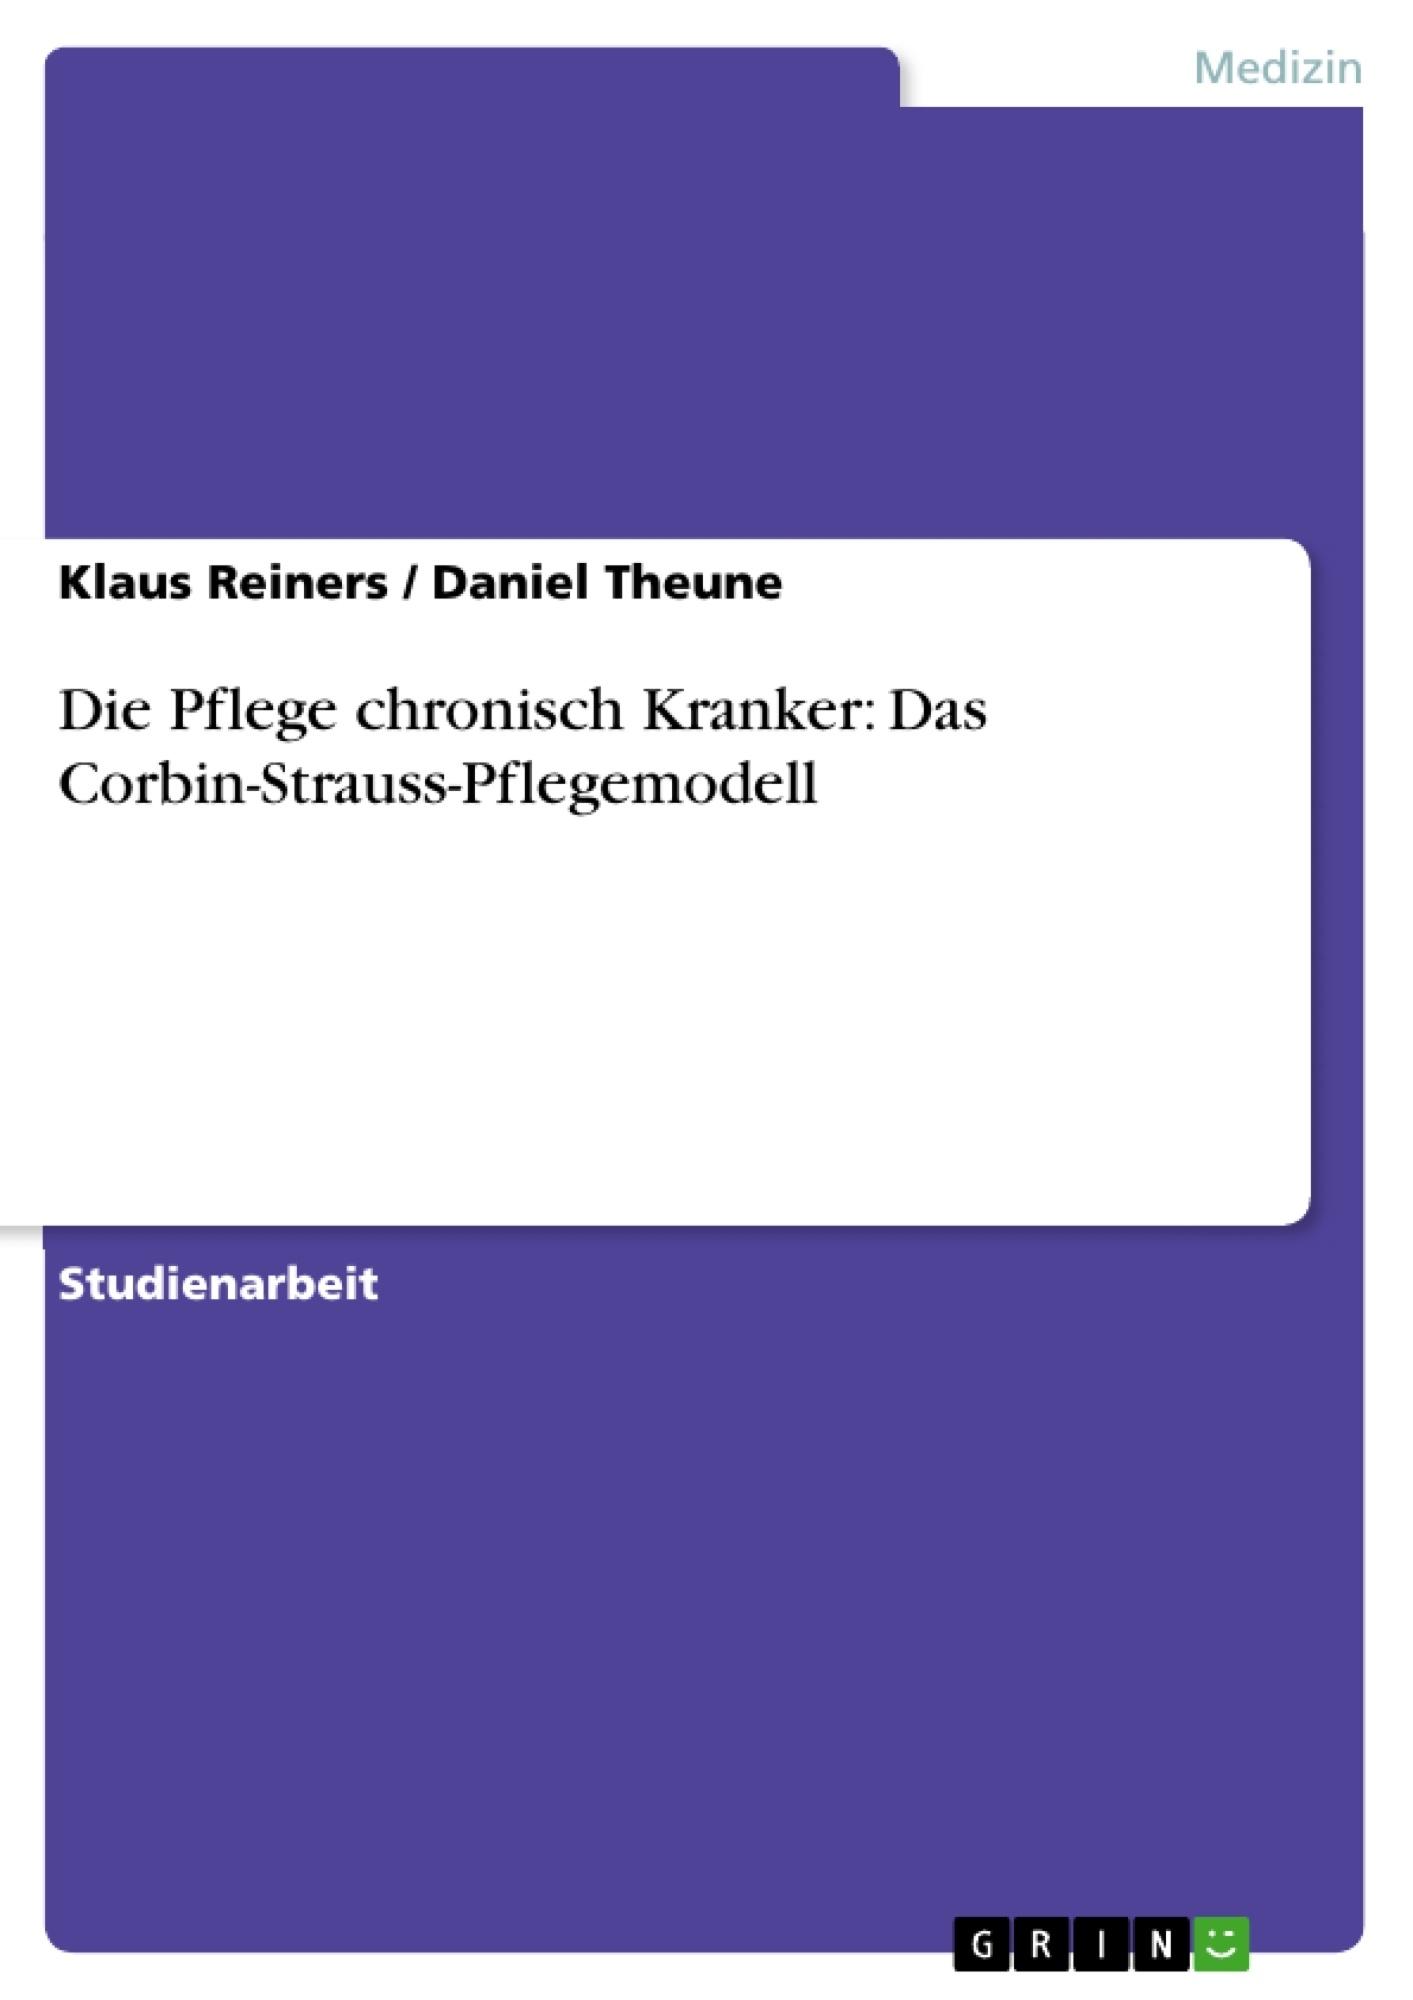 Titel: Die Pflege chronisch Kranker: Das Corbin-Strauss-Pflegemodell